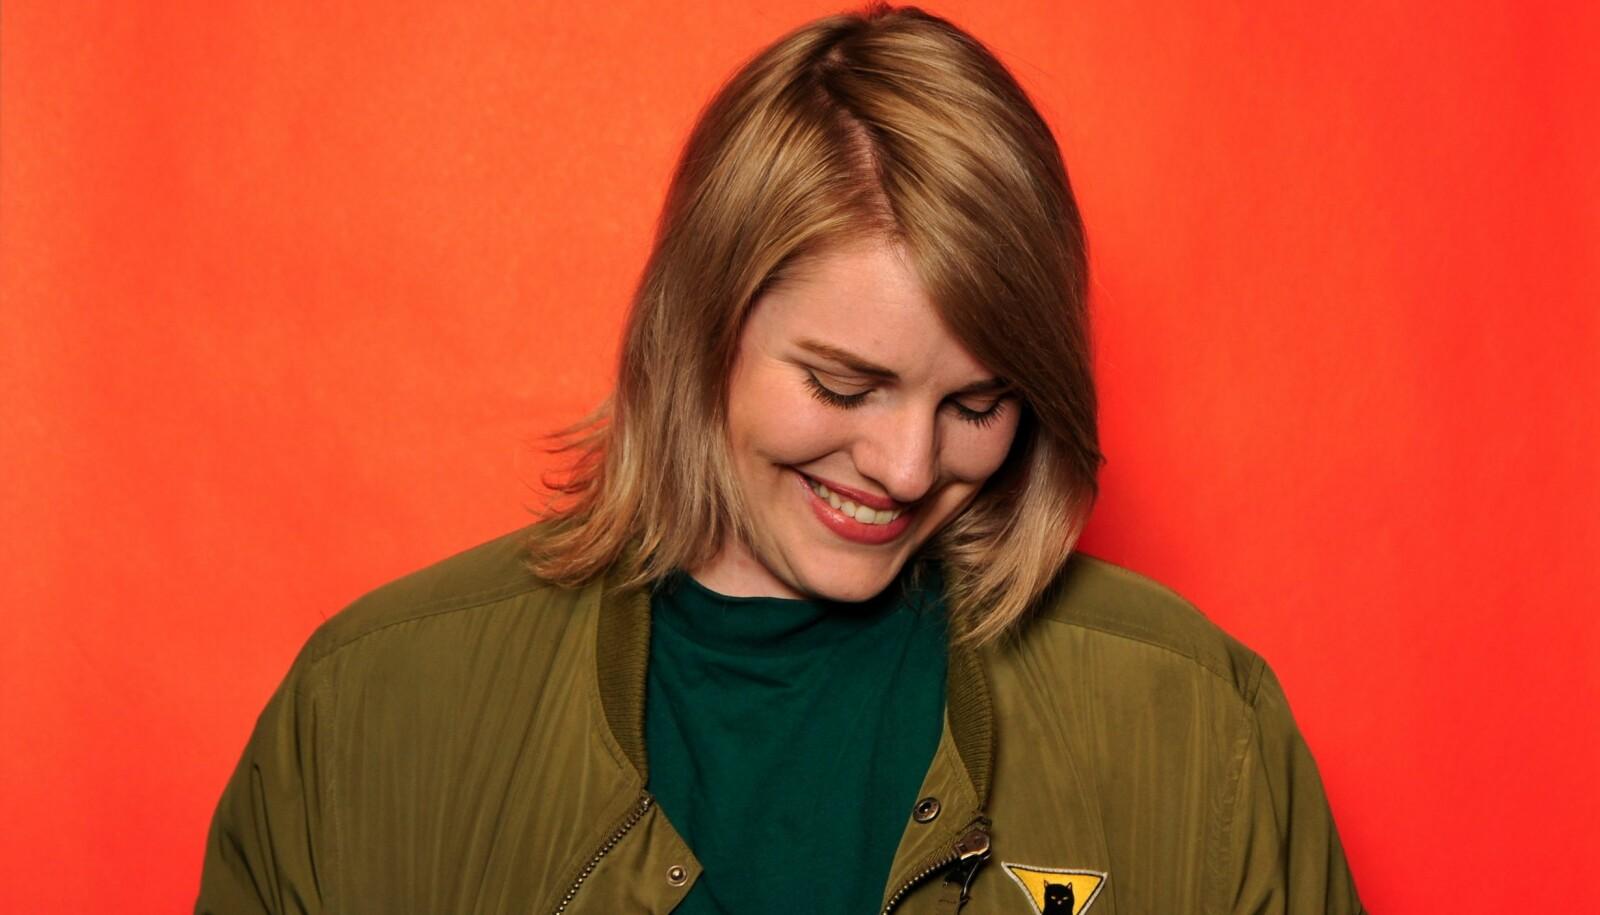 Bente Jørgensen har mistet tellingen over hvor mange jentekonsepter hun har lansert opp gjennom årene, noen av dem er Intense, G Girls og Drama.